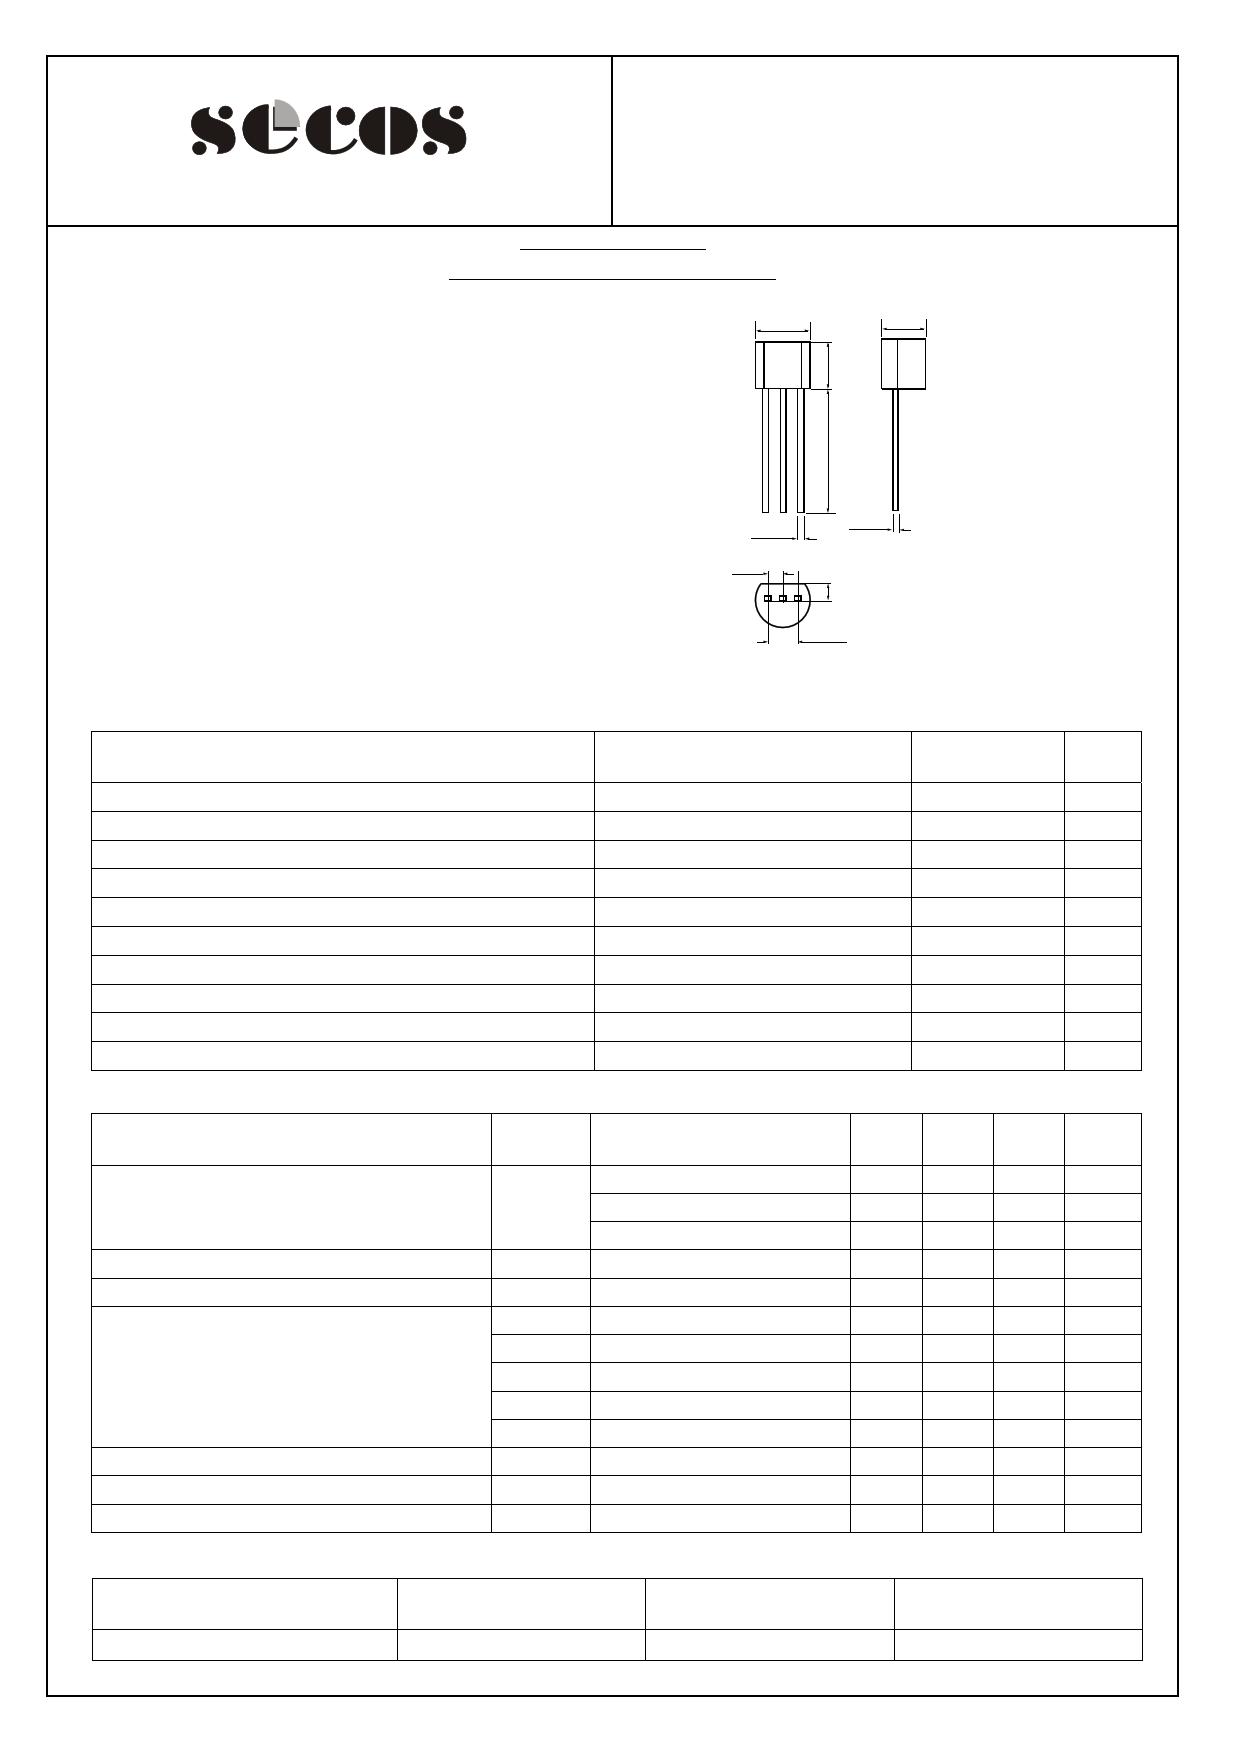 BC635 데이터시트 및 BC635 PDF